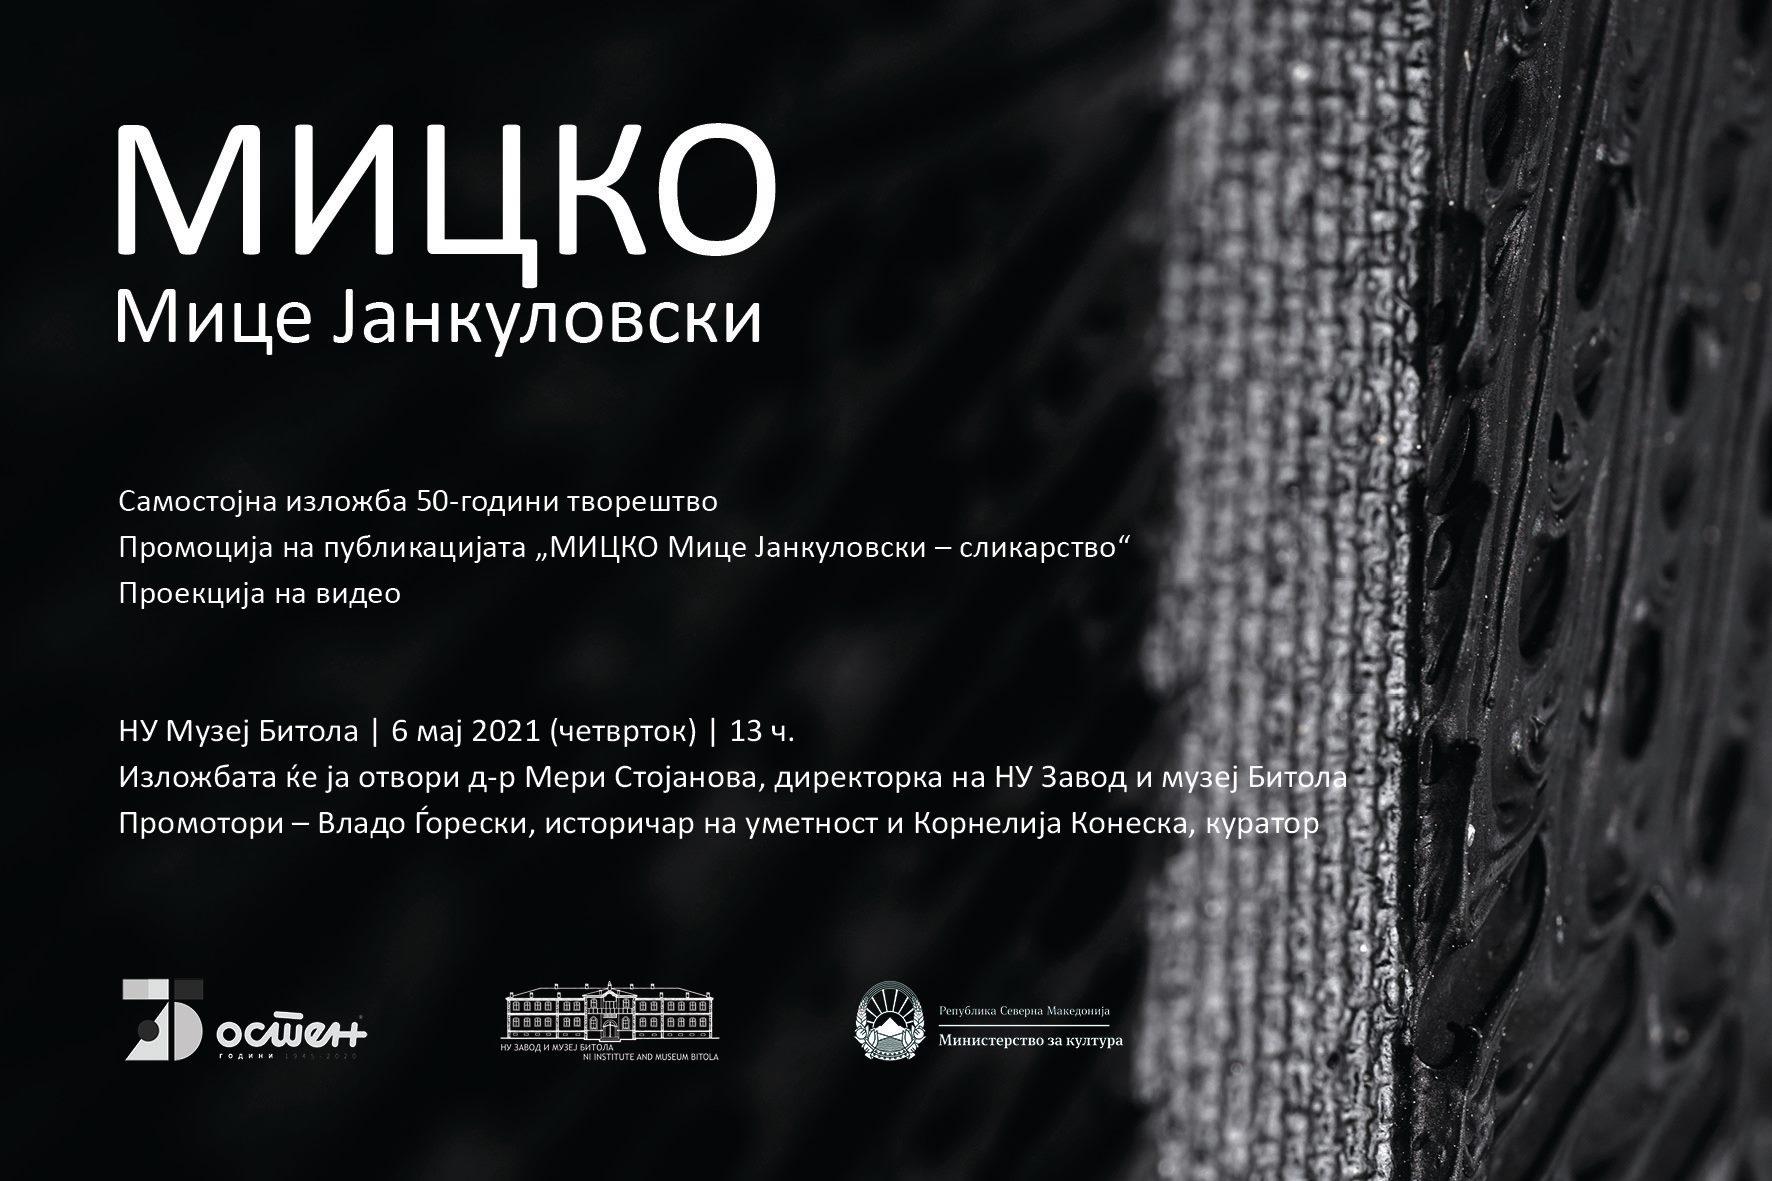 Самостојна изложба на Мице Јанкуловски Мицко